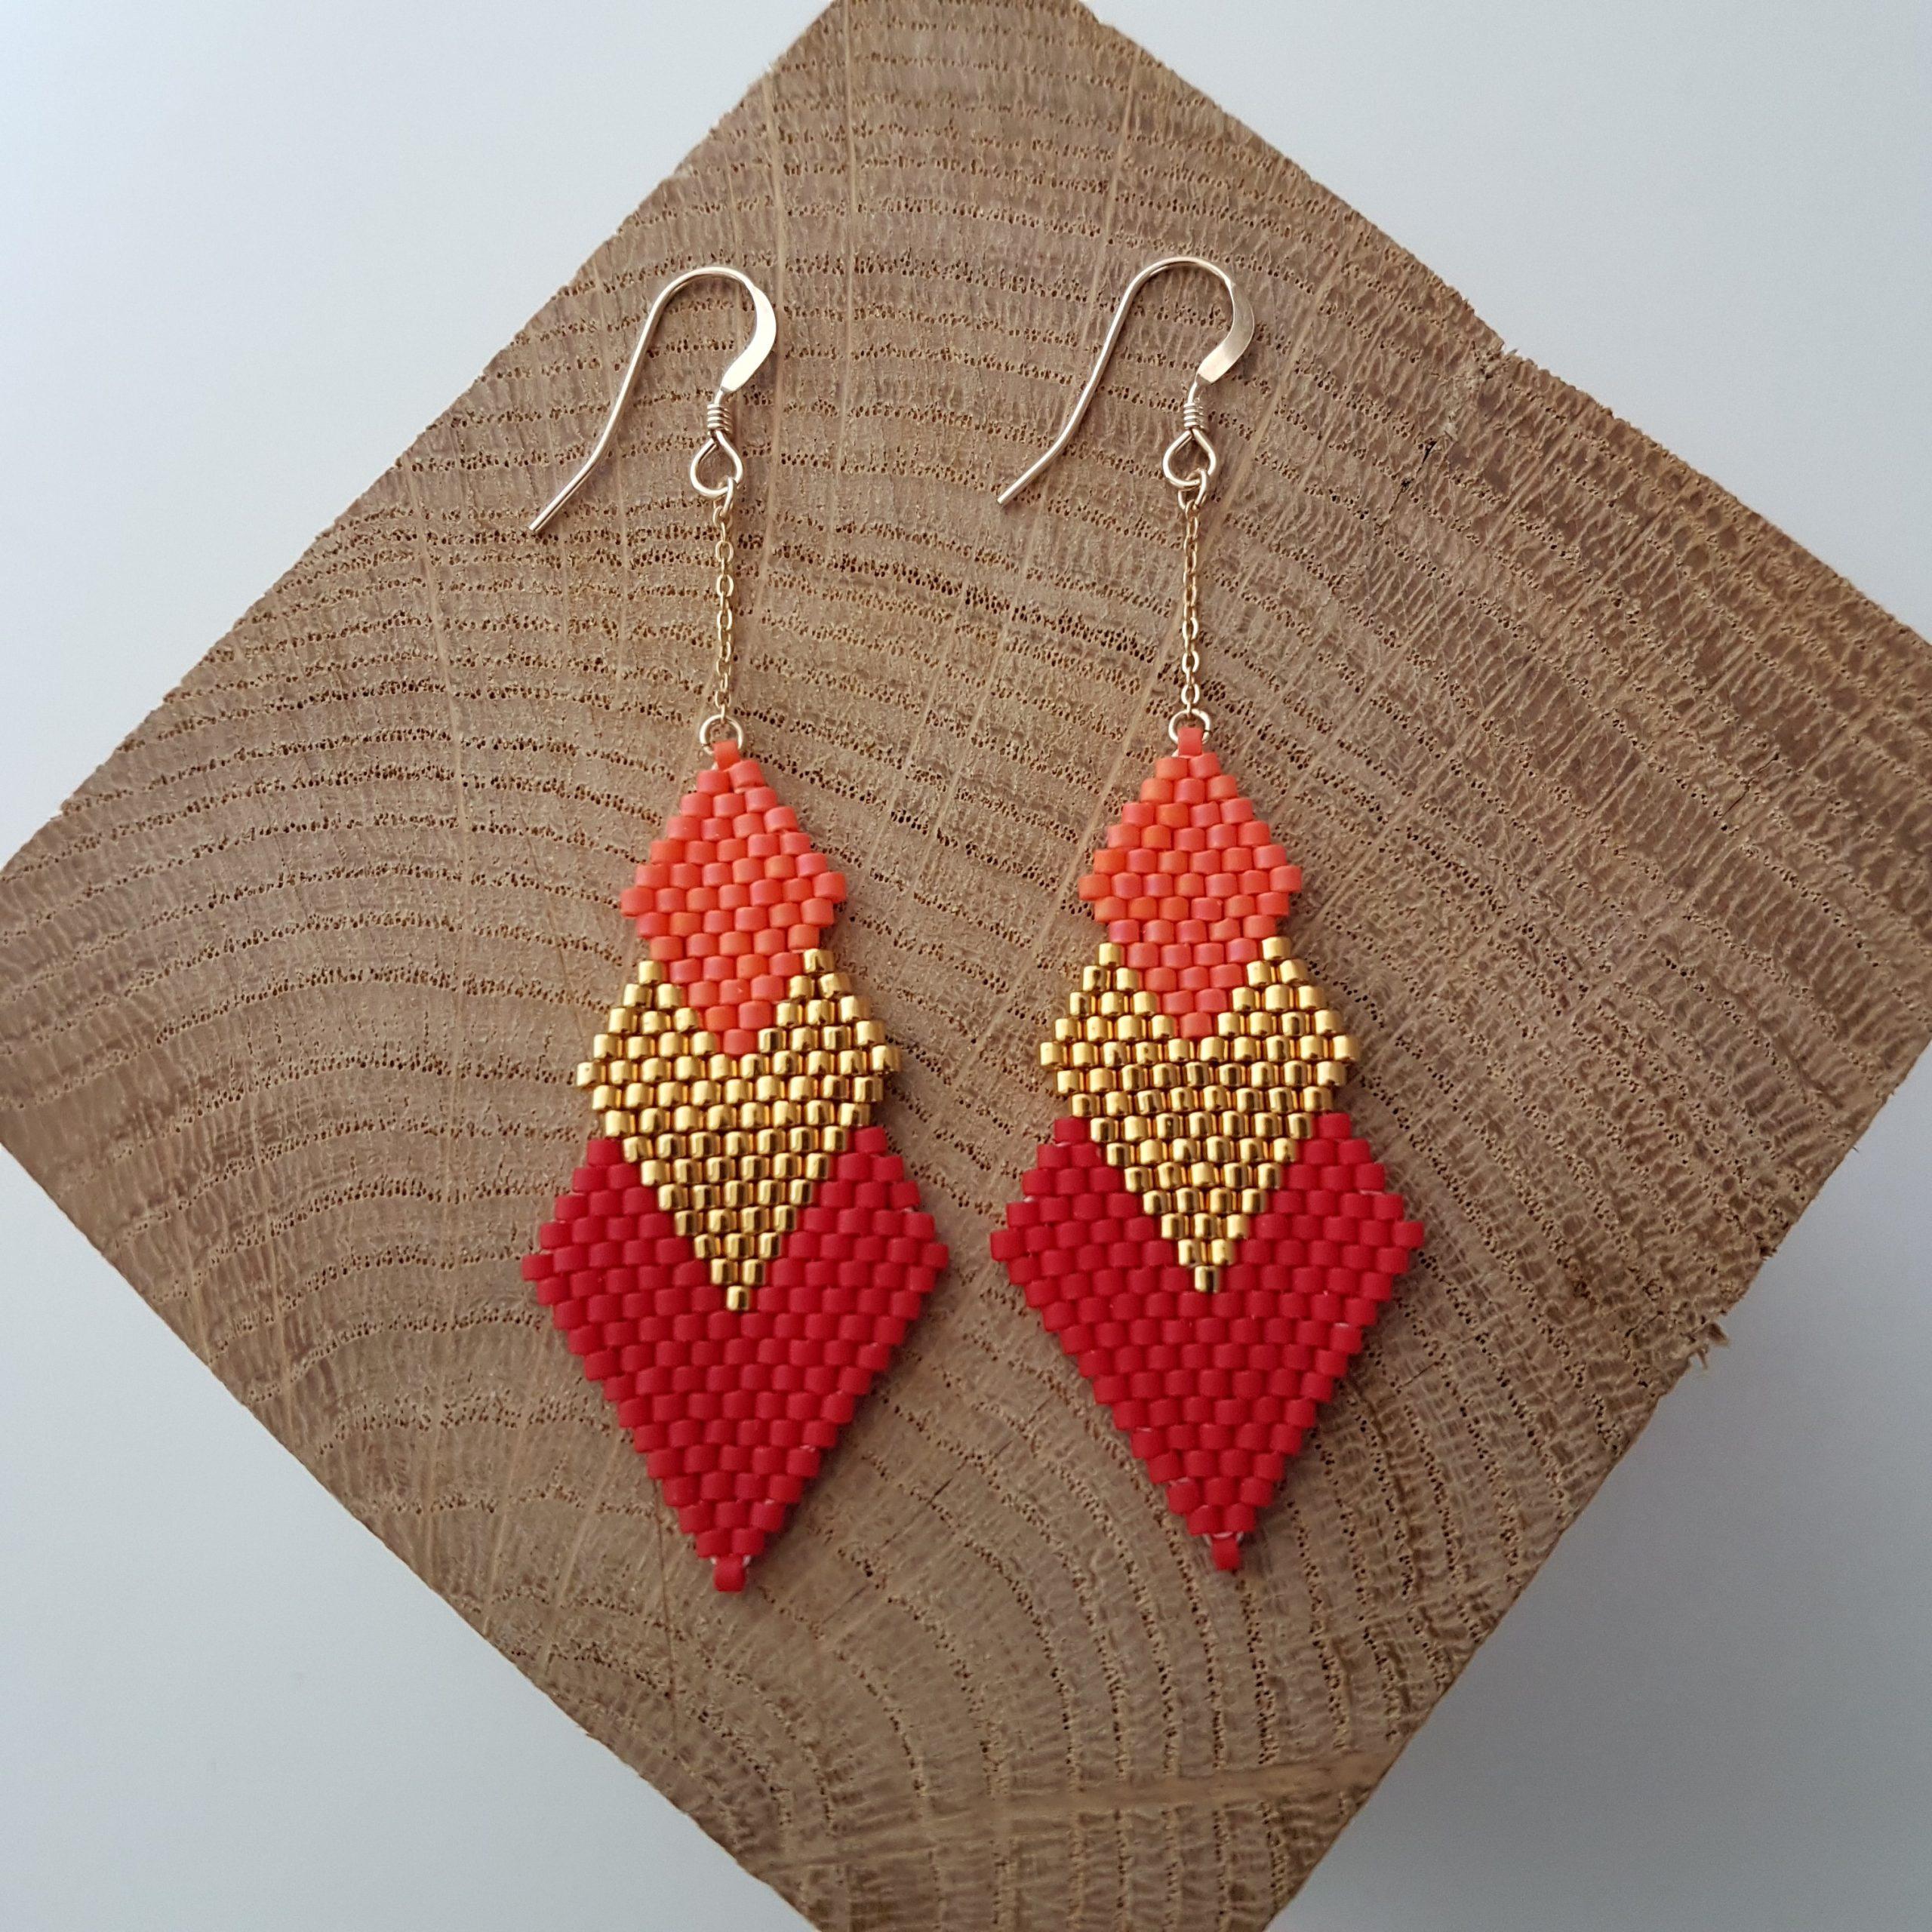 Boucles d'oreilles PENELOPE bicolore [rouge et corail]